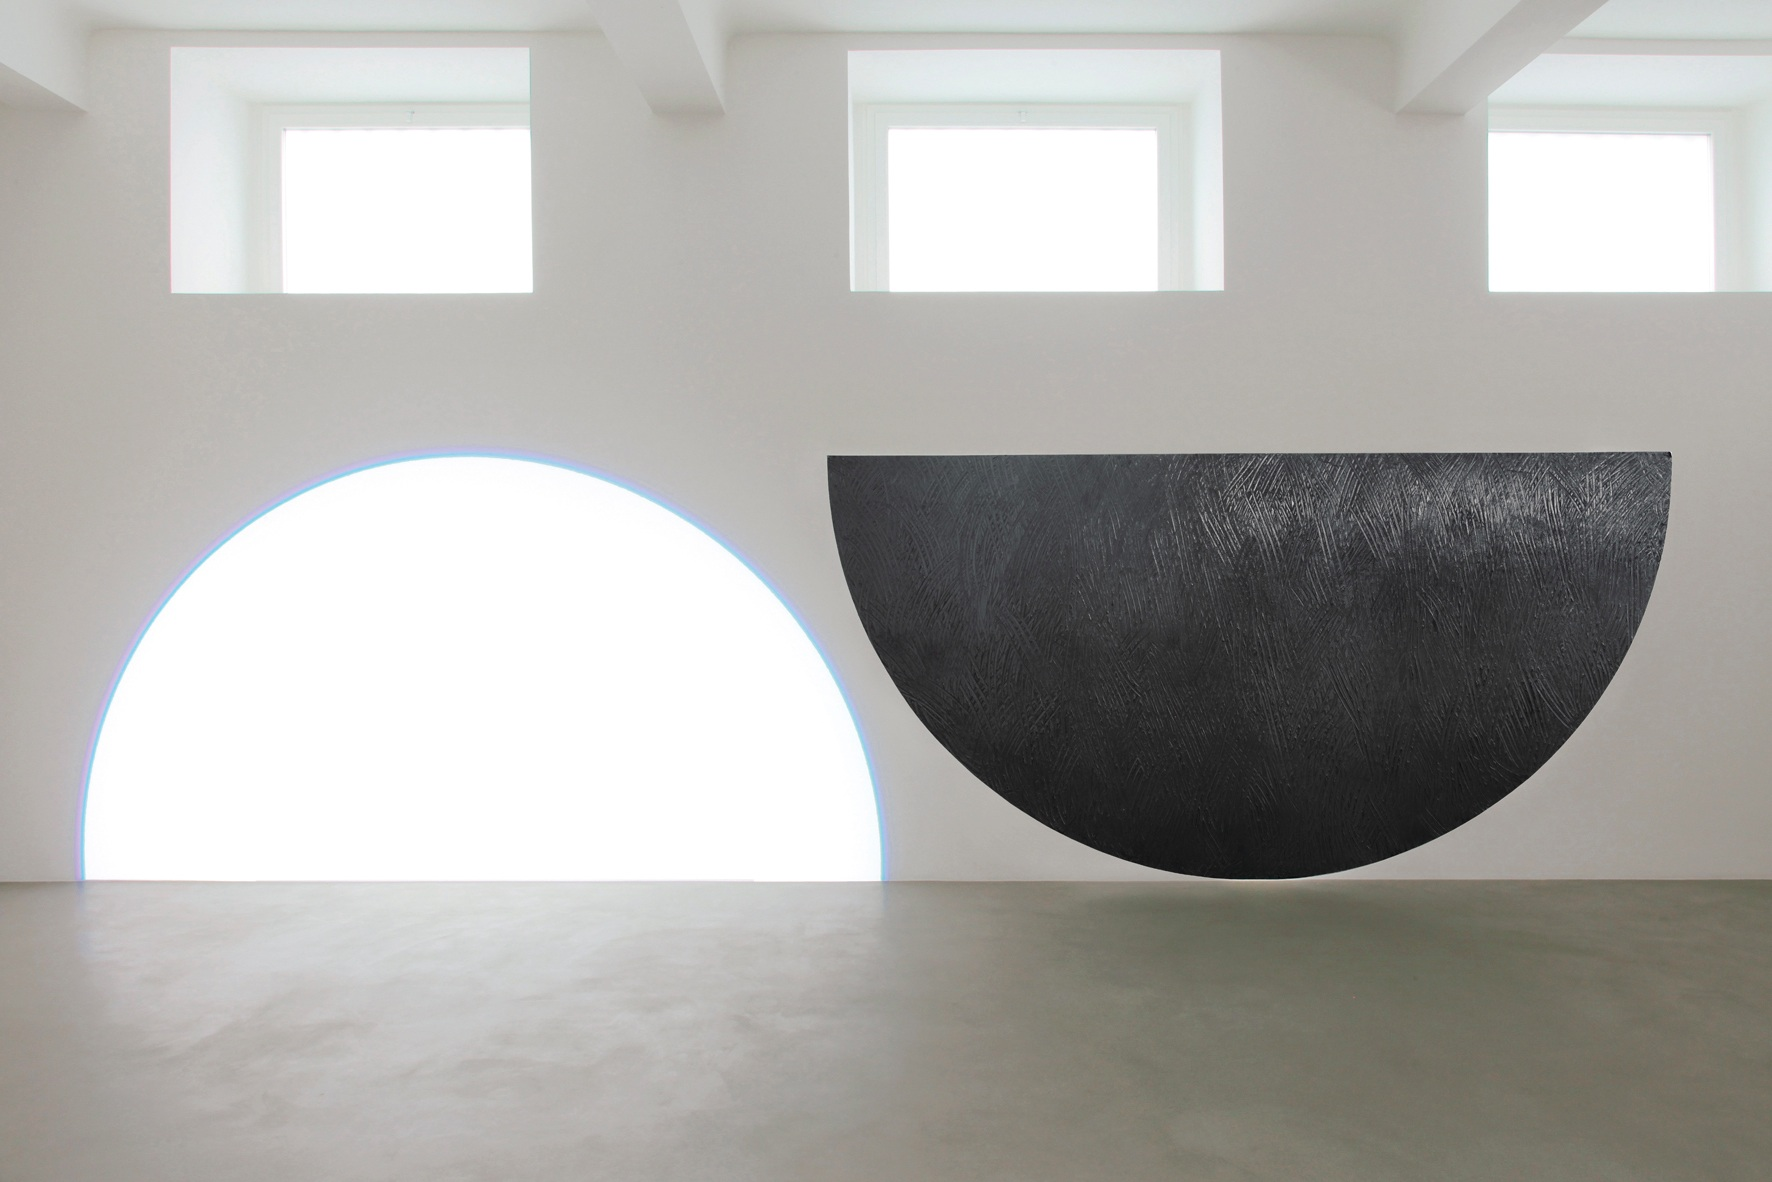 David Tremlett e Michel Verjux, Ambi-balance, 2013, grafite, grasso e proiettore, cm 200x800 Courtesy A arte Studio Invernizzi, Milano Foto Bruno Bani, Milano